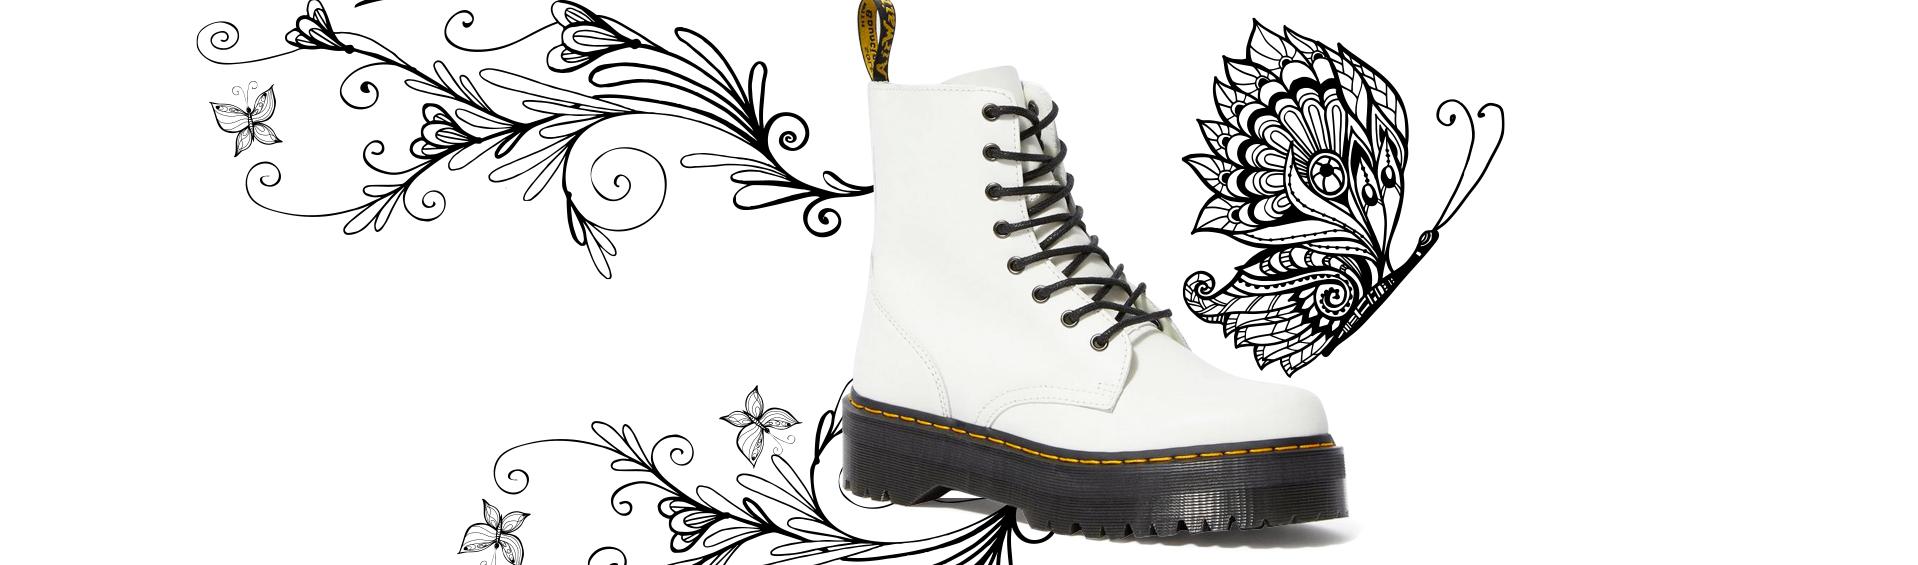 dr-martens-scarpelli-calzature-prato-2020